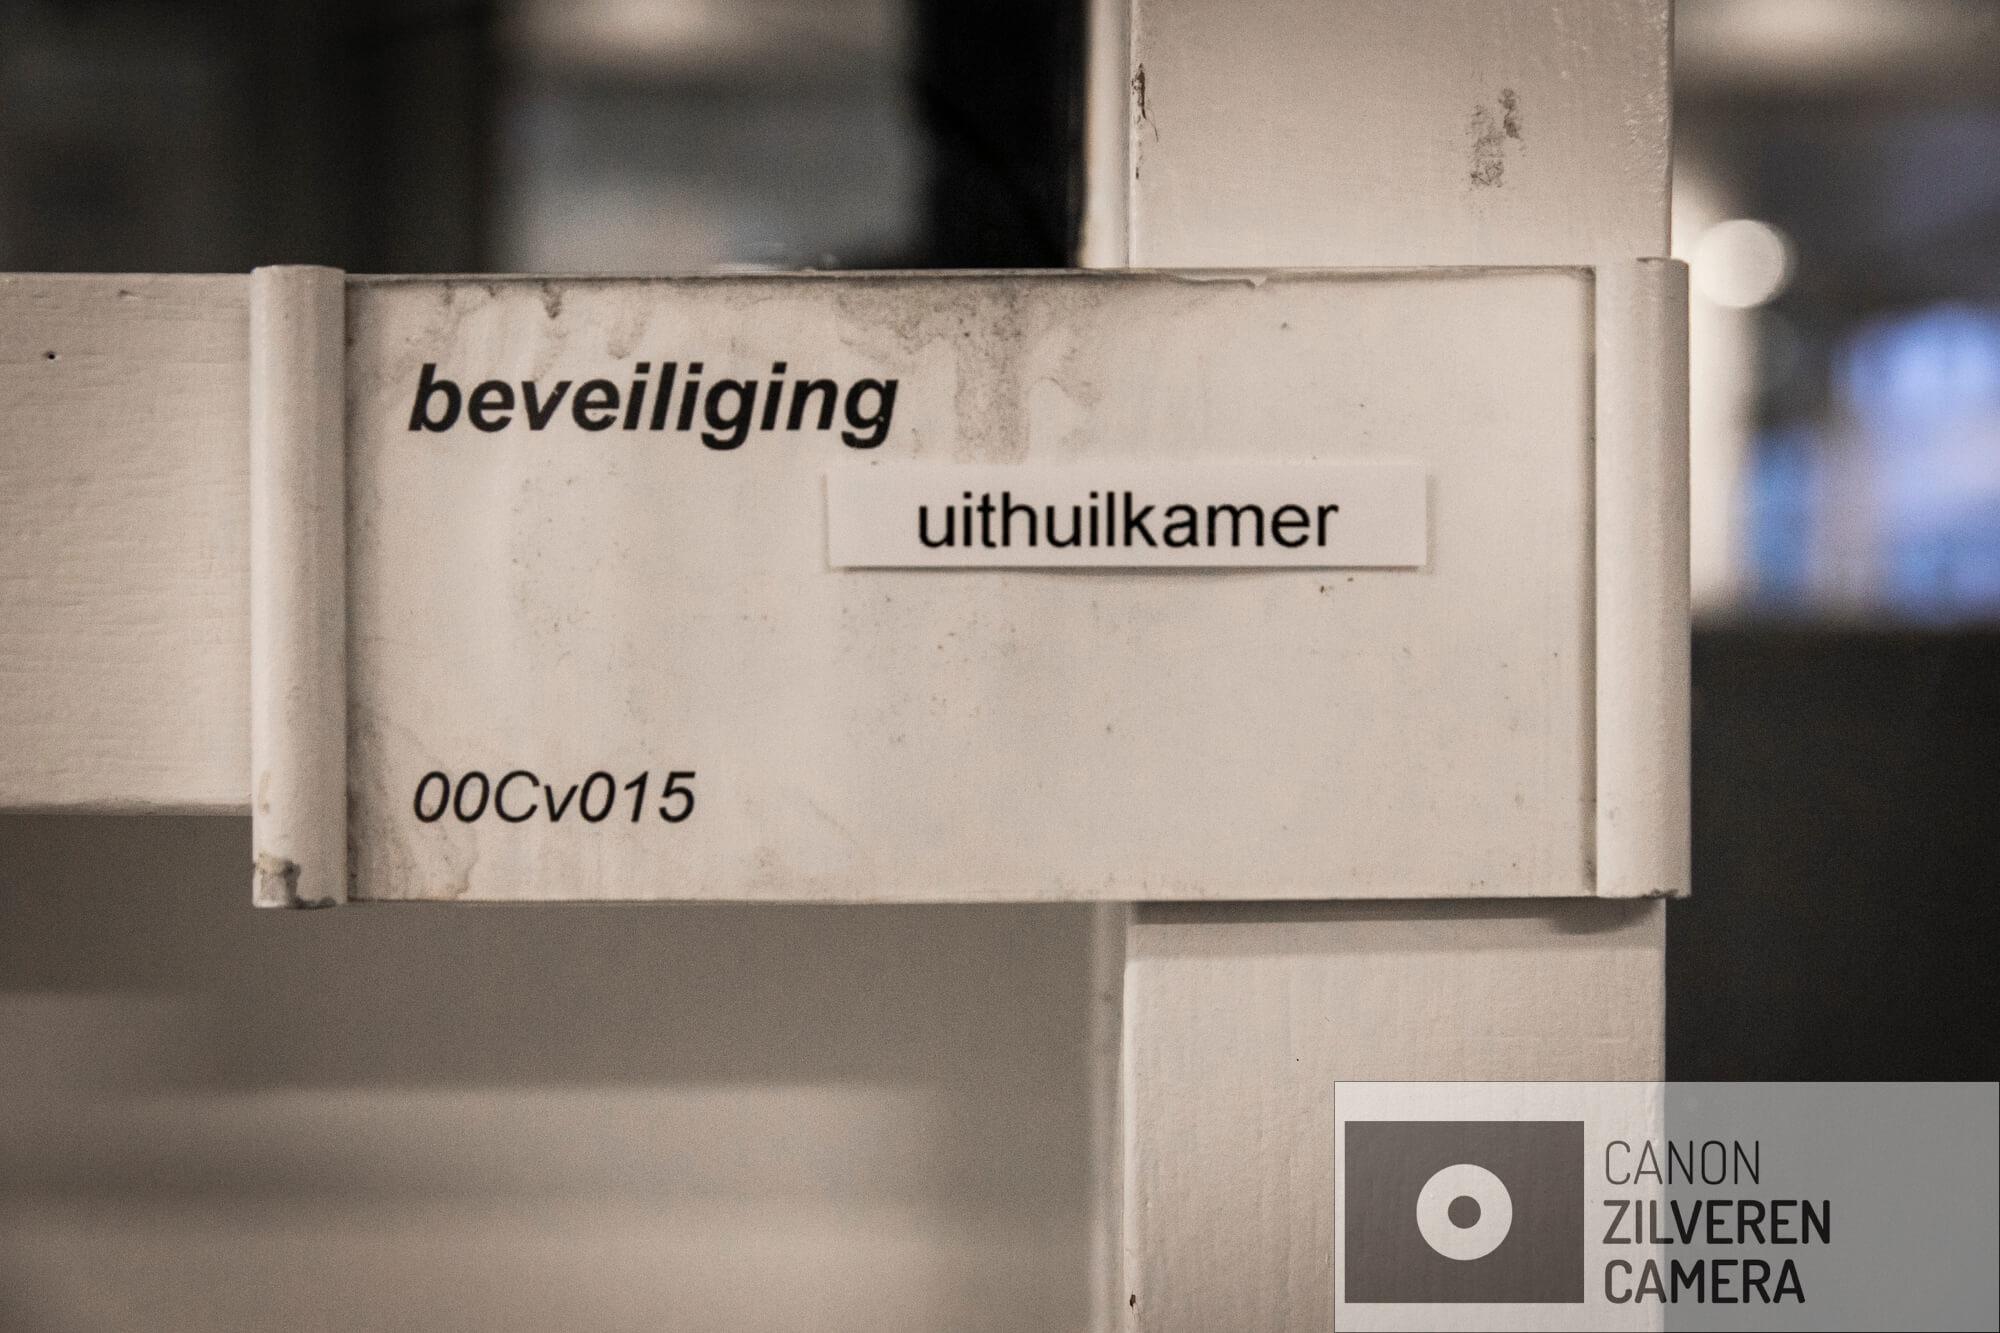 Amsterdam, 7 december 2018 - MC SLOTERVAART. Voor een grote groep medewerkers van het Slotervaartziekenhuis is dit de allerlaatste werkdag. Beveiliger Frans Kooistra (61) werkt al 38 jaar in het ziekenhuis, medewerkers komen langs om afscheid te nemen. Foto Dingena Mol